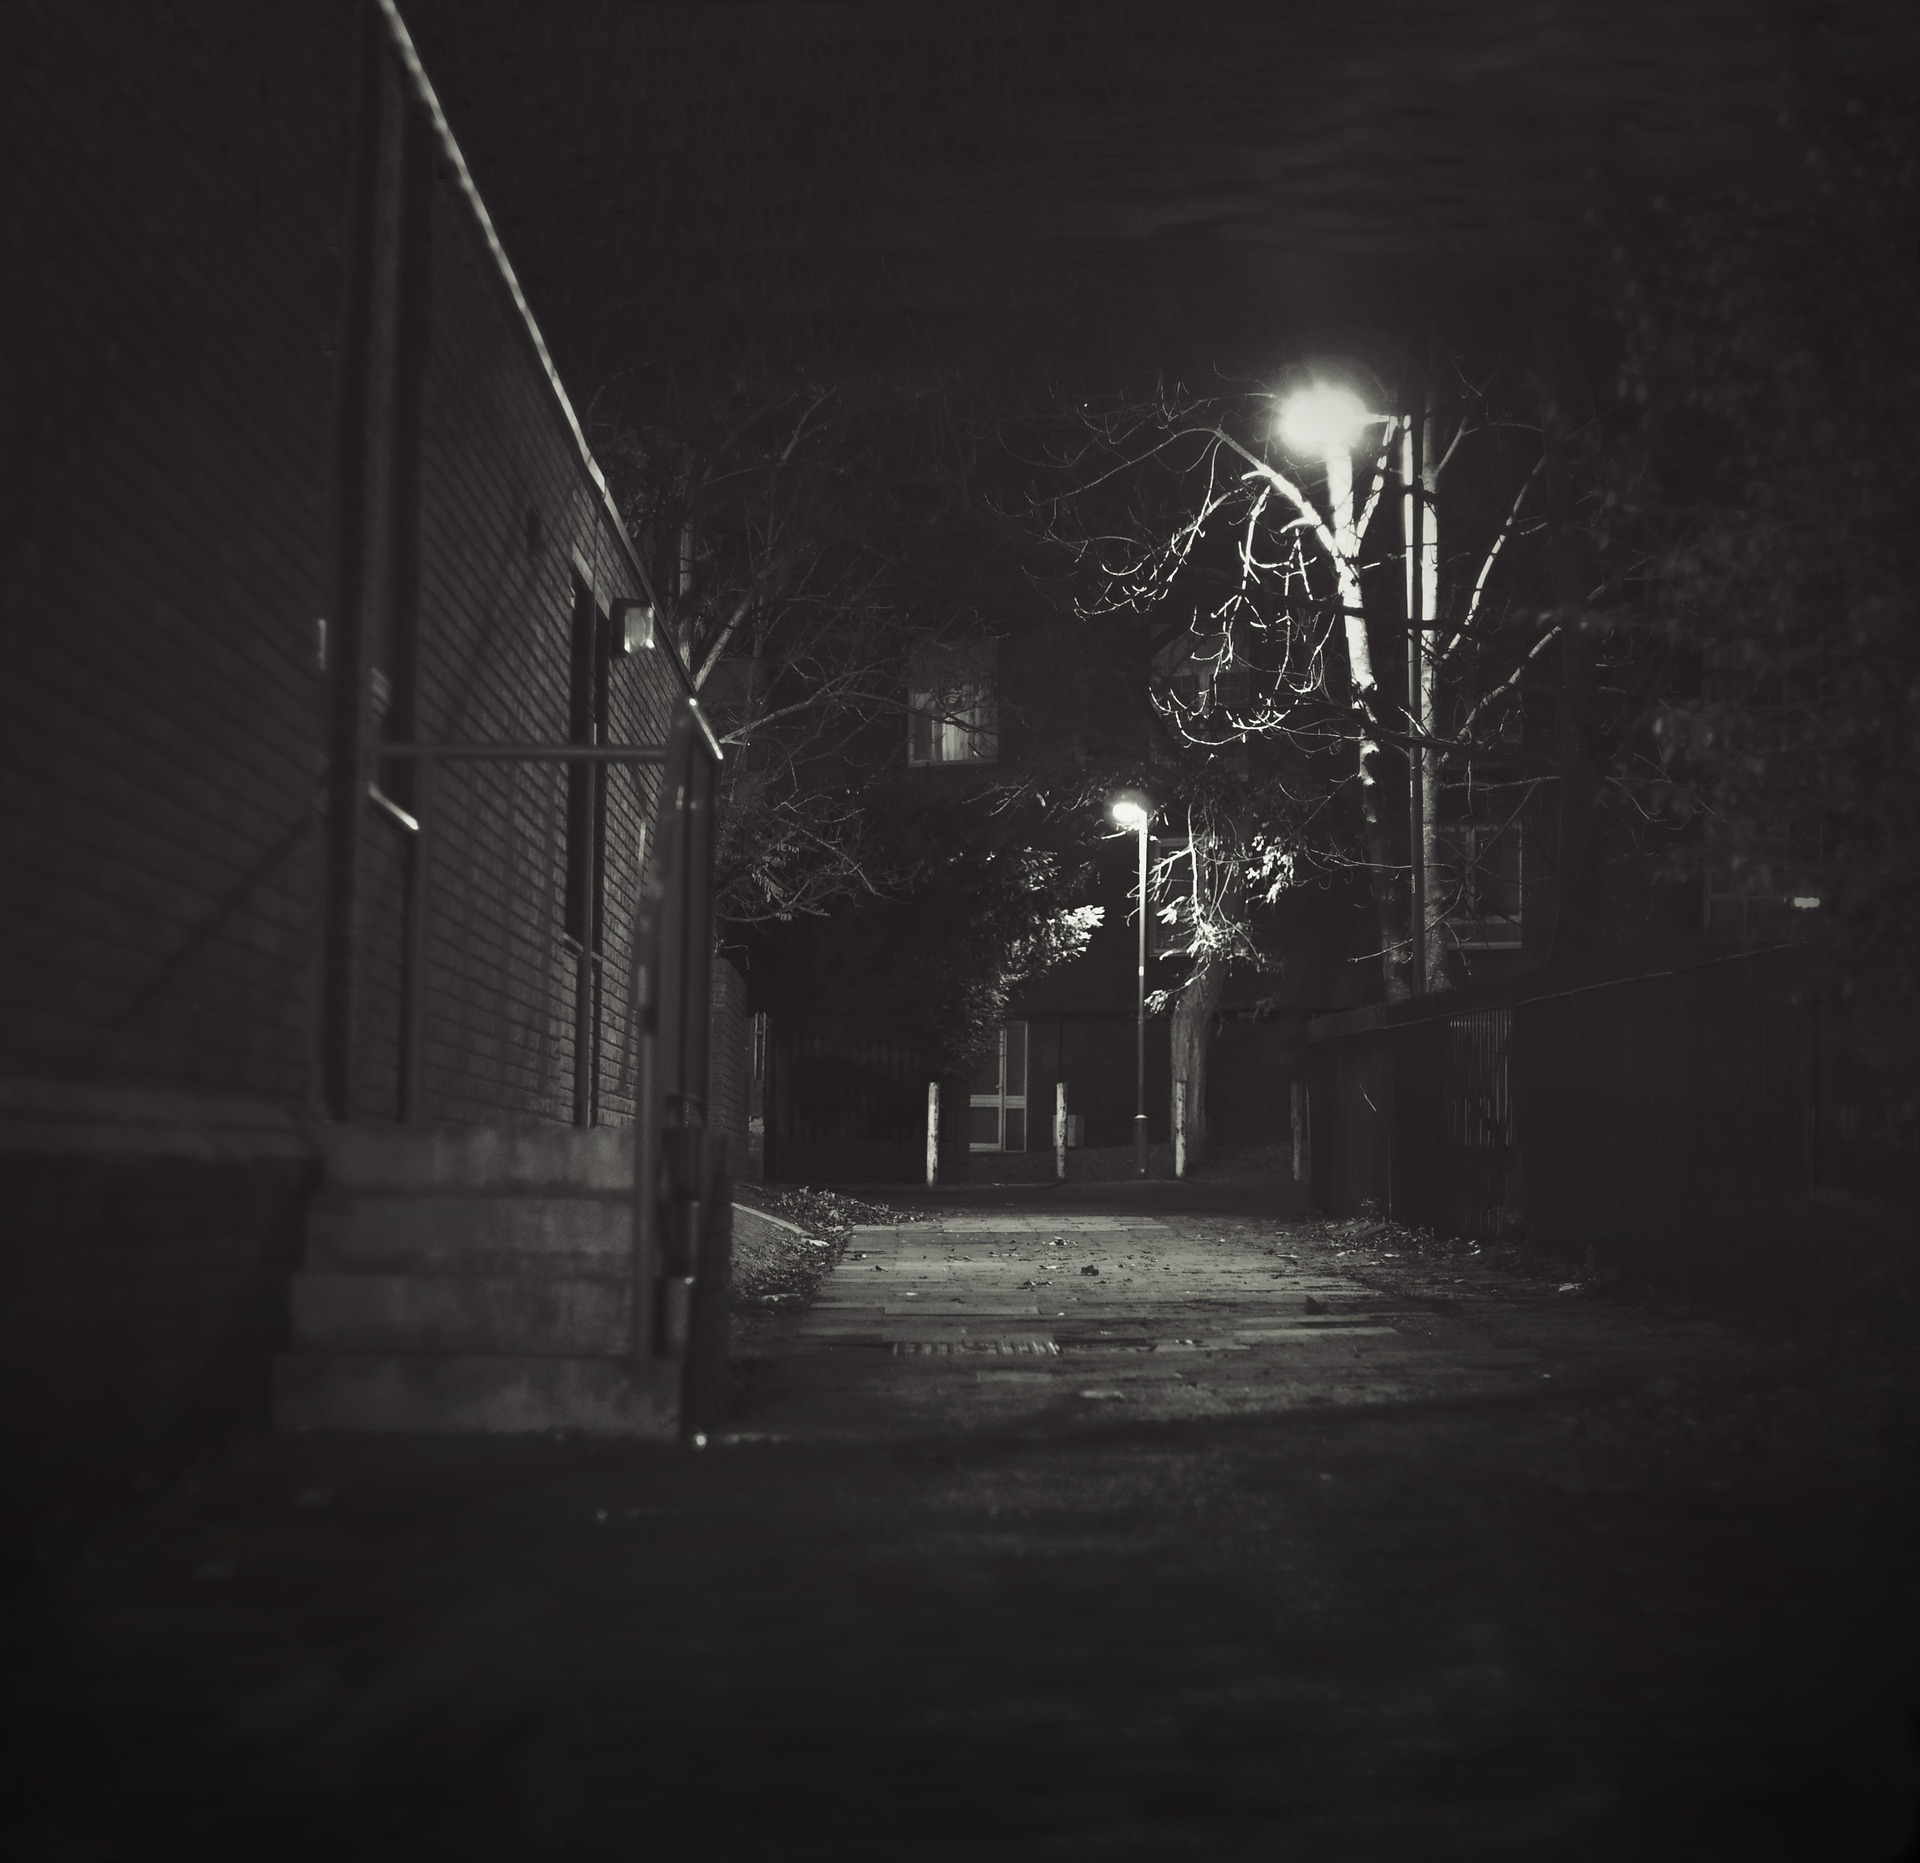 night-434244_1920